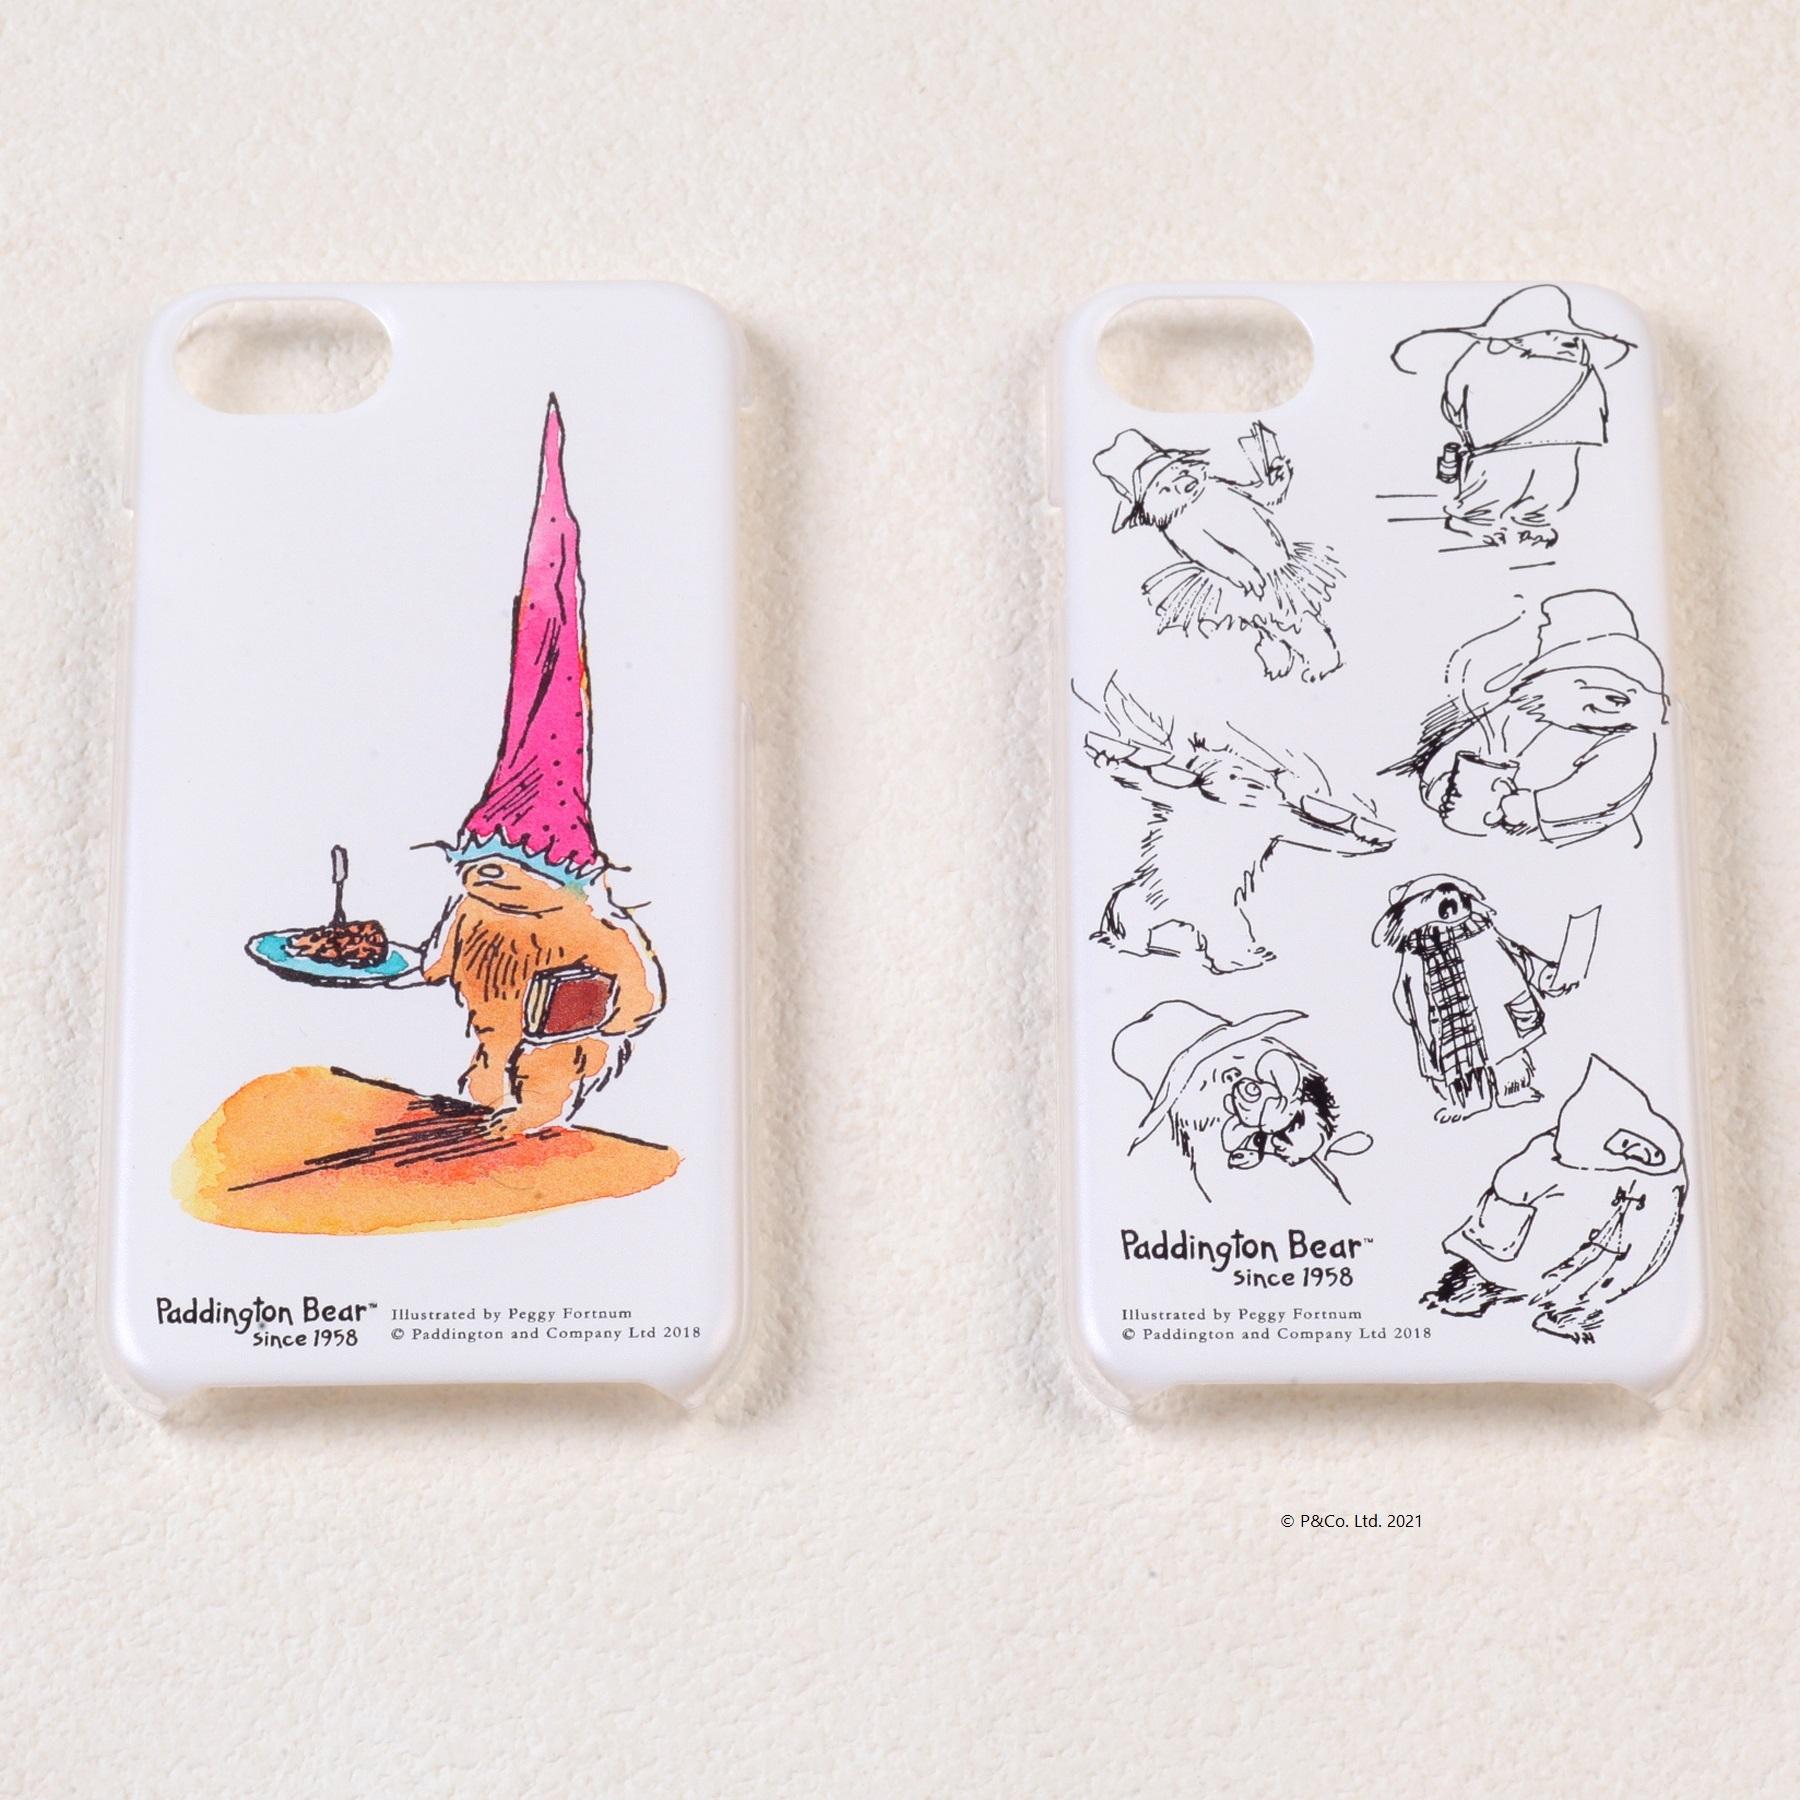 「くまのパディントン™展」展覧会オリジナルのiPhoneケース